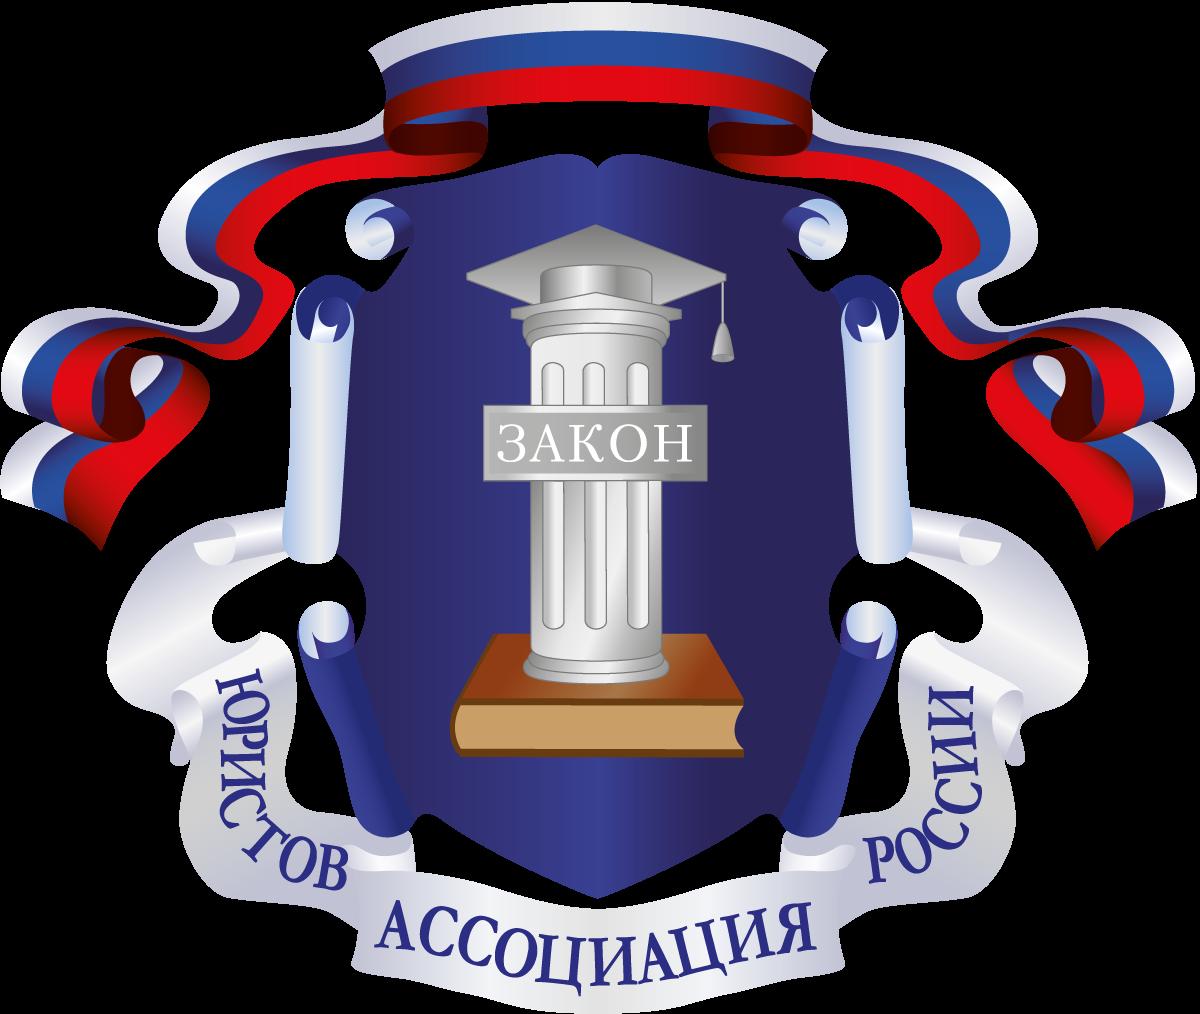 Челябинское региональное отделение Ассоциации юристов России